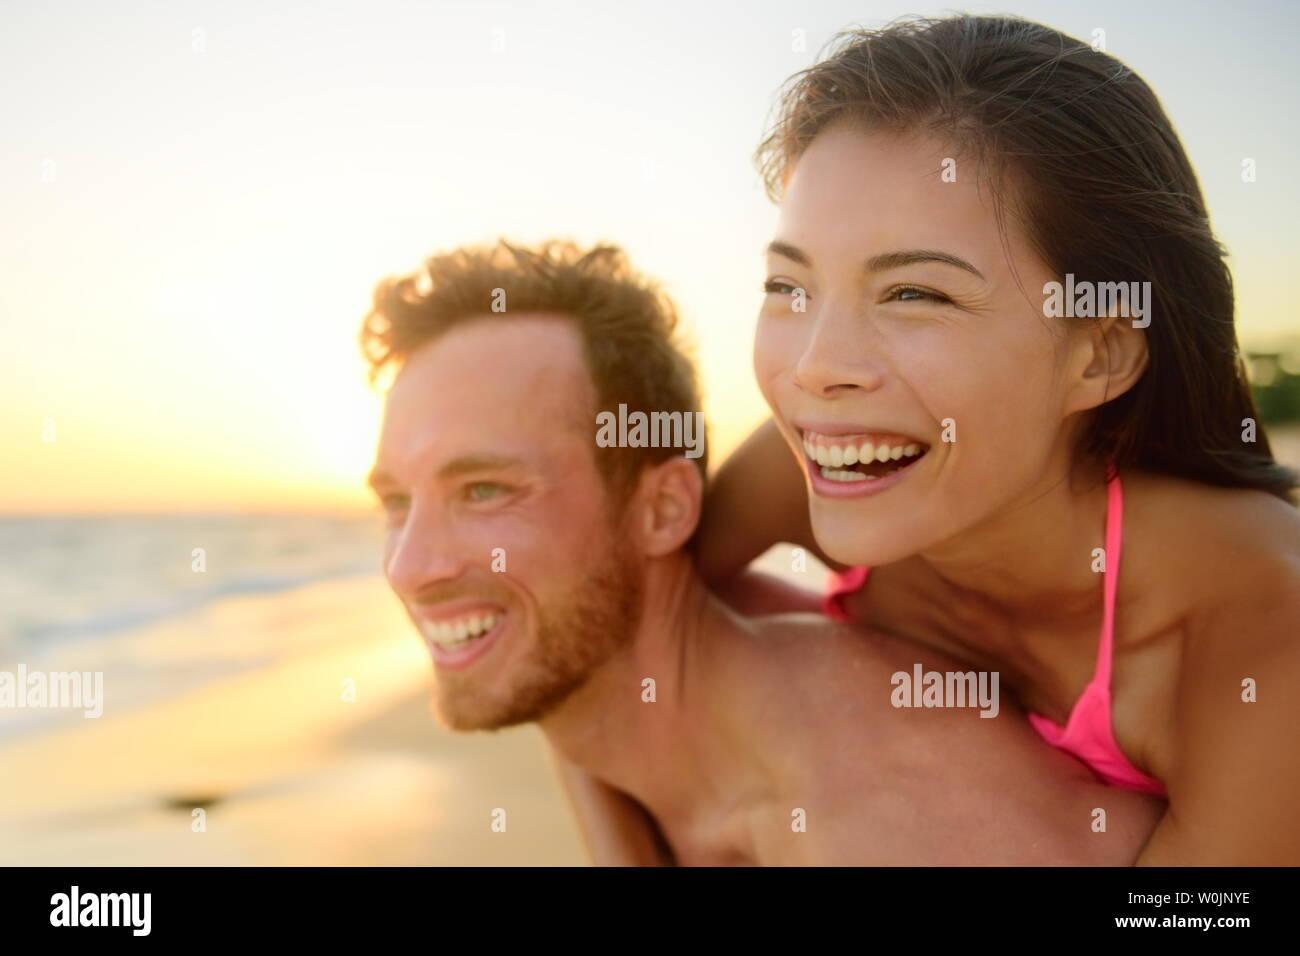 Playa par riendo en amor divirtiéndose romance de luna de miel viajes vacaciones vacaciones de verano. Los jóvenes personas felices, Asiáticos y Caucásicos mujer hombre abrazando al aire libre en la playa tropical de ropa casual. Foto de stock